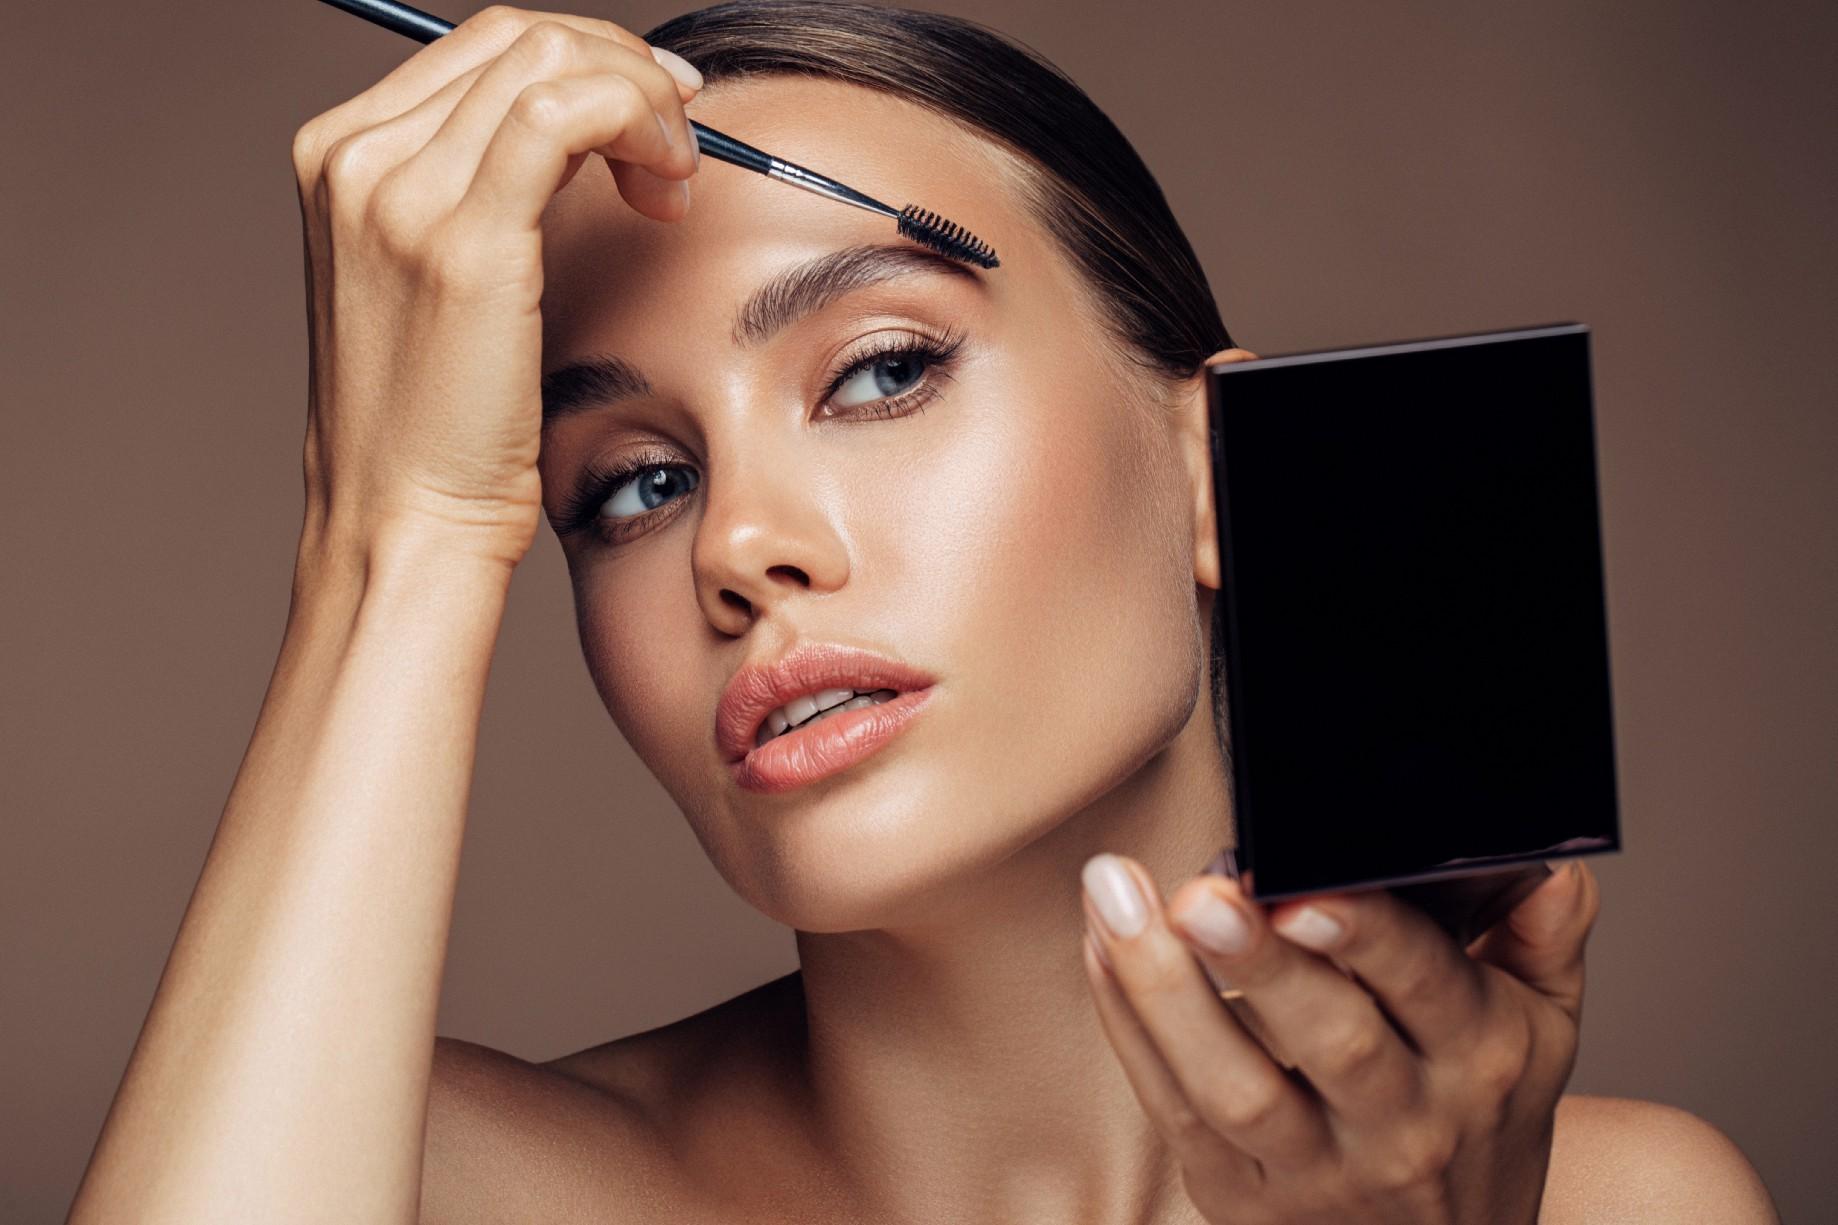 Comment se maquiller avec make up métallique ?